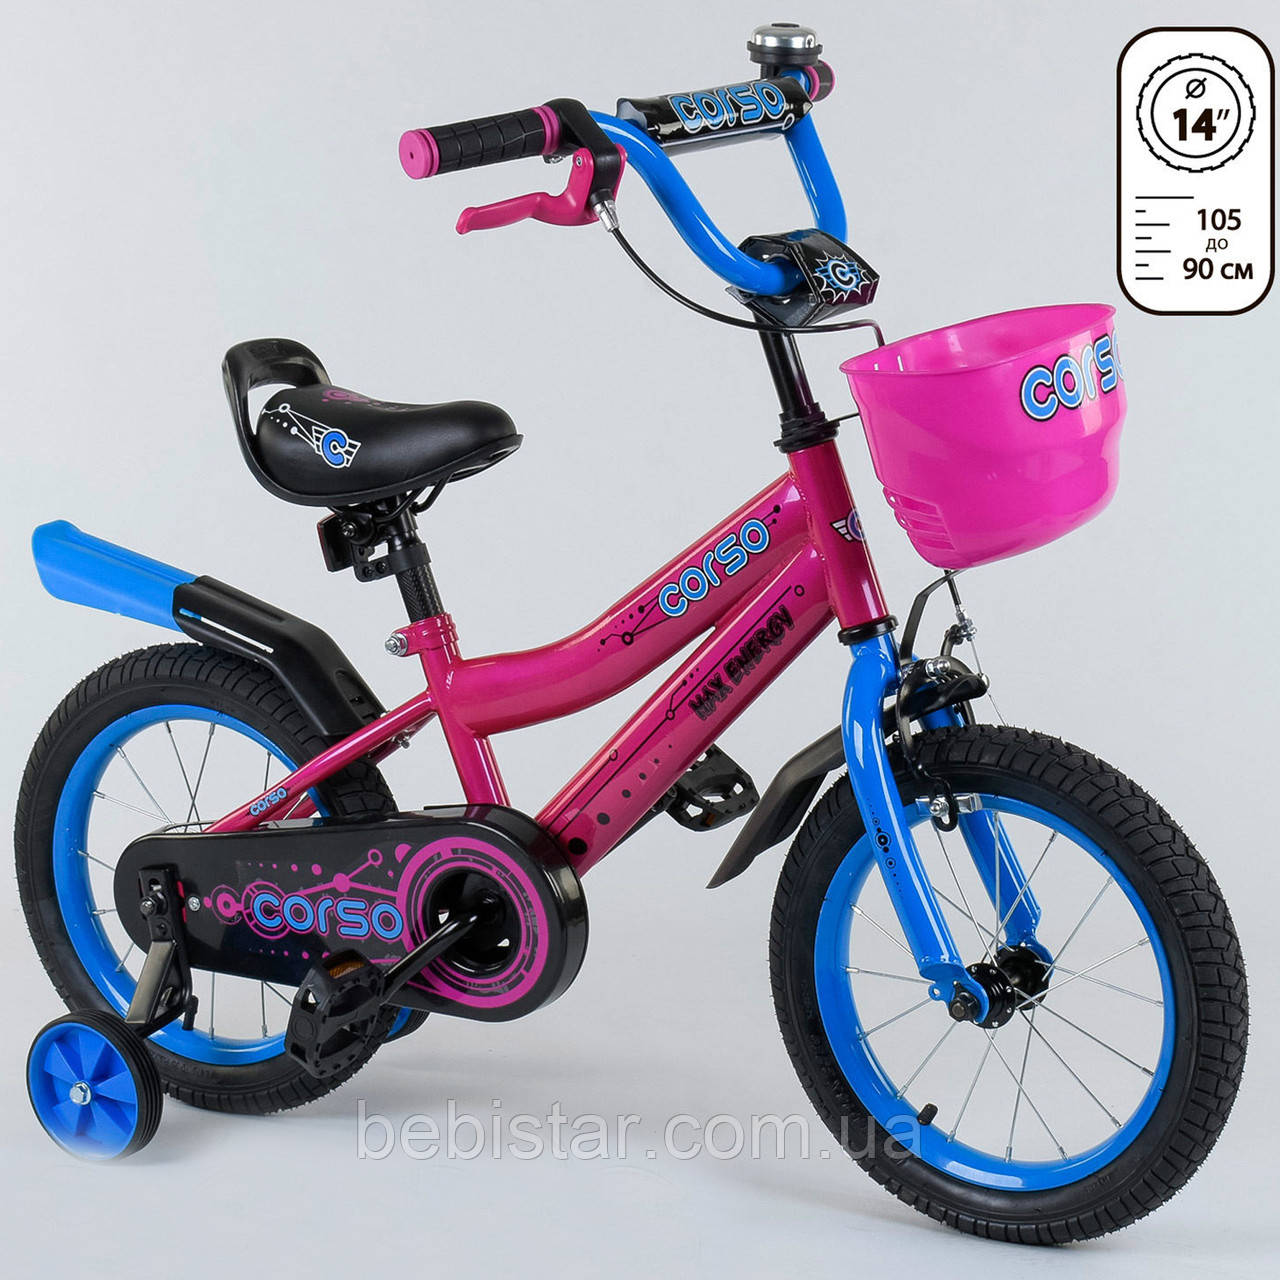 """Двоколісний дитячий велосипед малиновий ручне гальмо дзвіночок кошик Corso 14"""" дітям 3-5 років"""